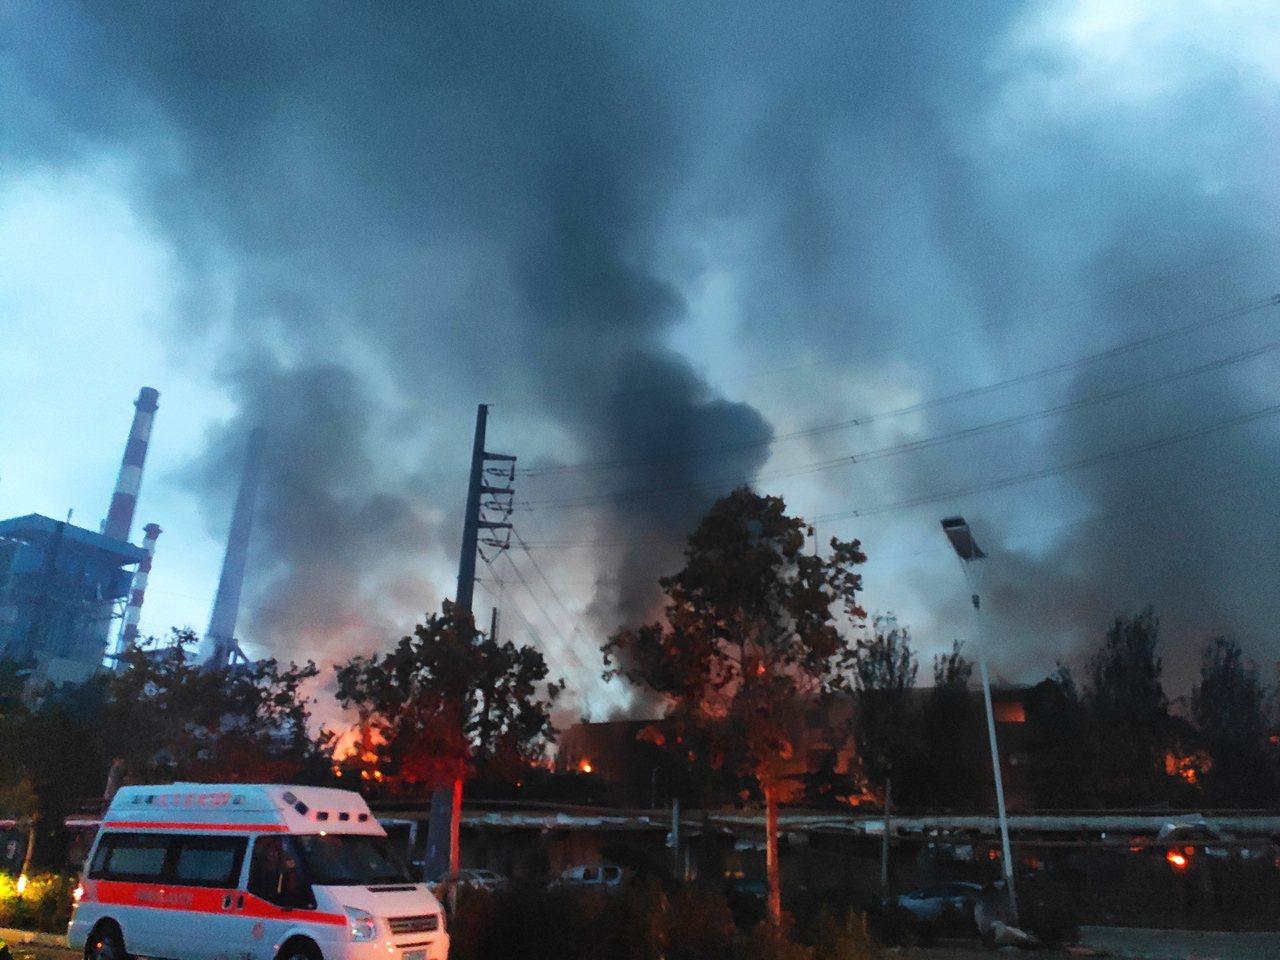 604/河南義馬氣化廠爆炸事故:已致致10人死亡,19重傷,5人失聯 新華社